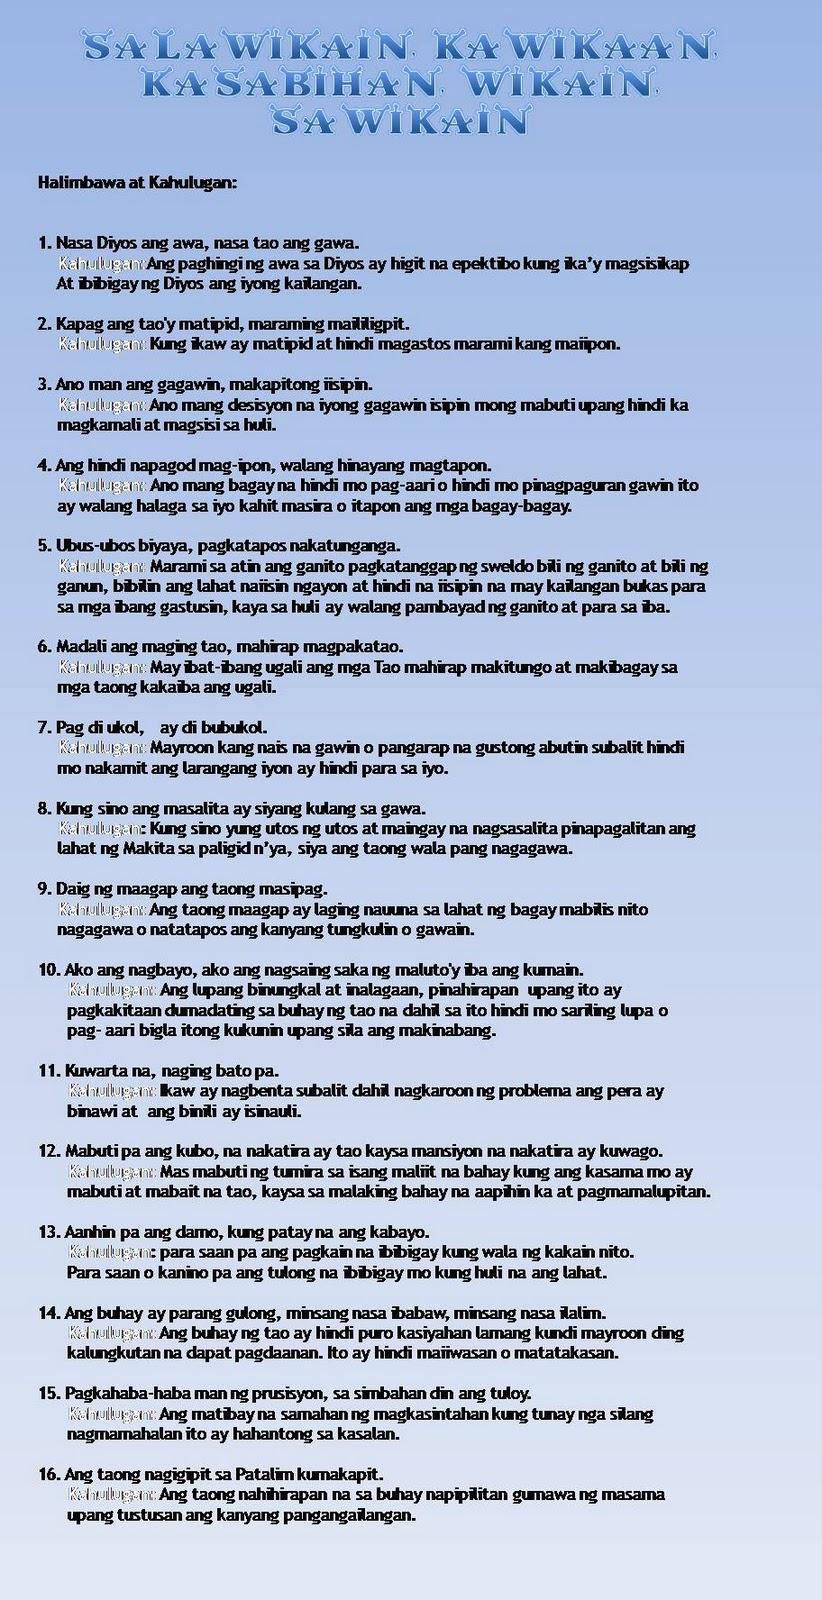 thesis tungkol sa bullying tagalog Nagyabang ang komikong senador, ako na yata ang kauna-unahang senador ng pilipinas na naging biktima ng cyber-bullying kung sa pag-aaral nga eh ang mga mahuling nagcommit ng plagiarism lalo na sa mga thesis or mga research hindi lang bagsak sa subject kundi minsan kick-out pa.